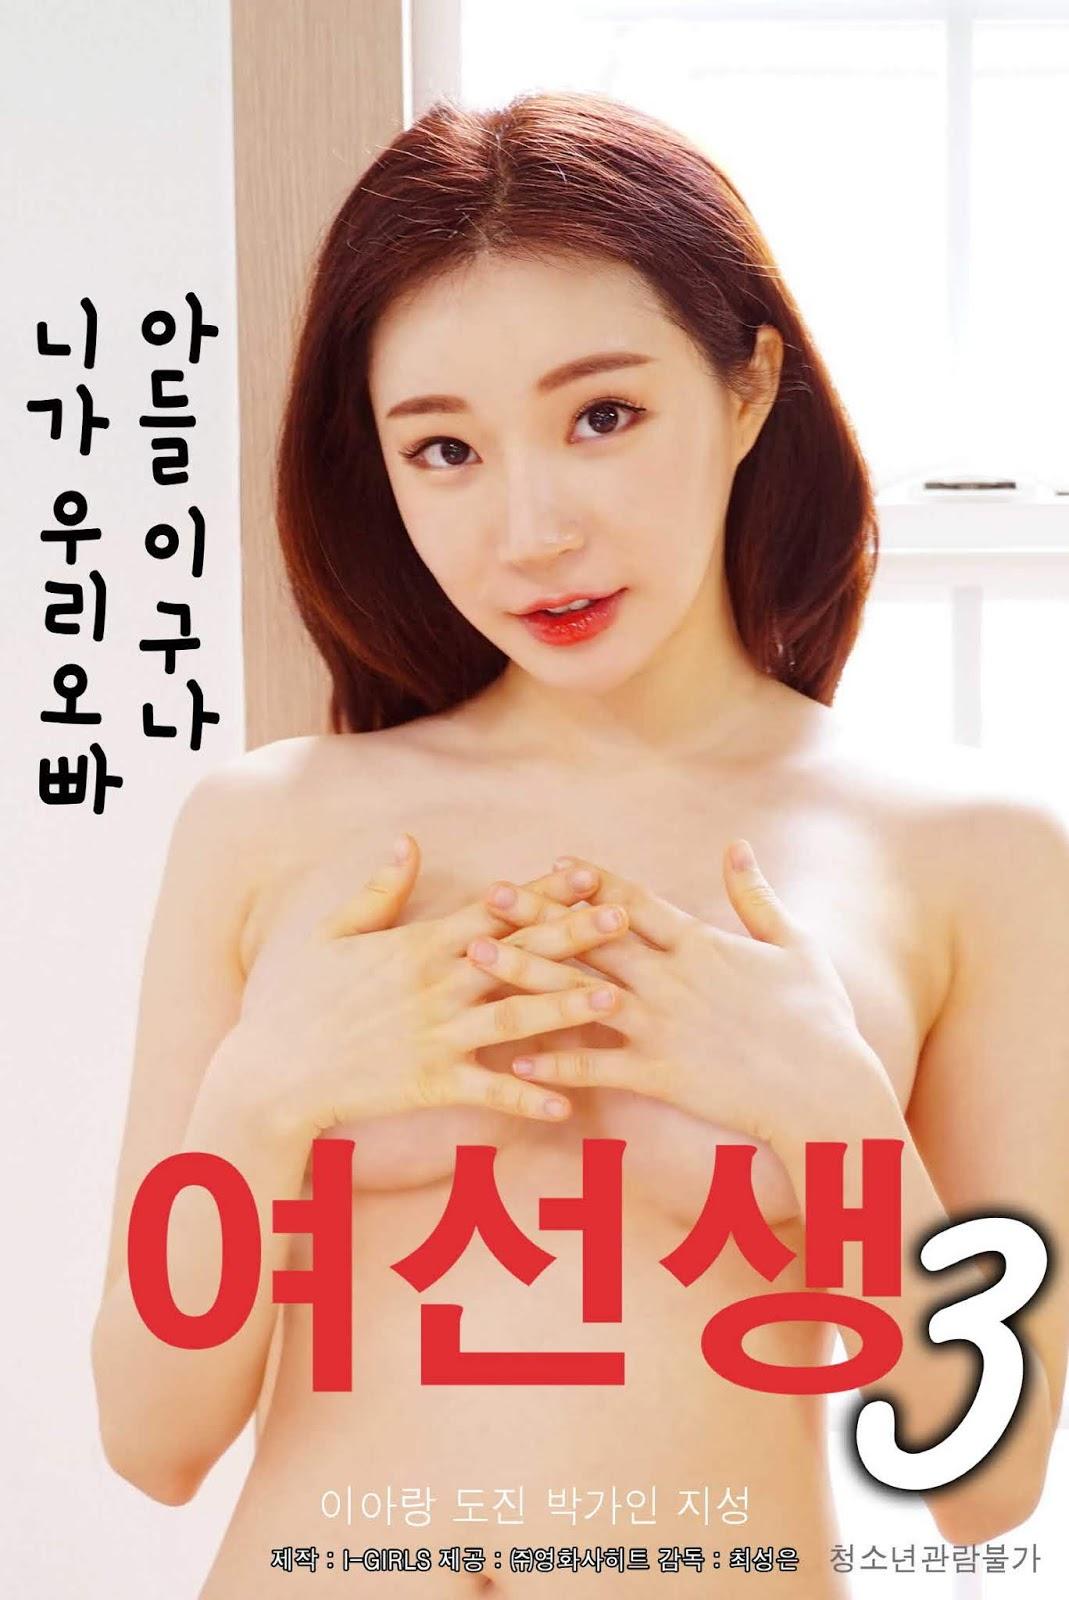 Mistress 3 Full Korea 18+ Adult Movie Online Free